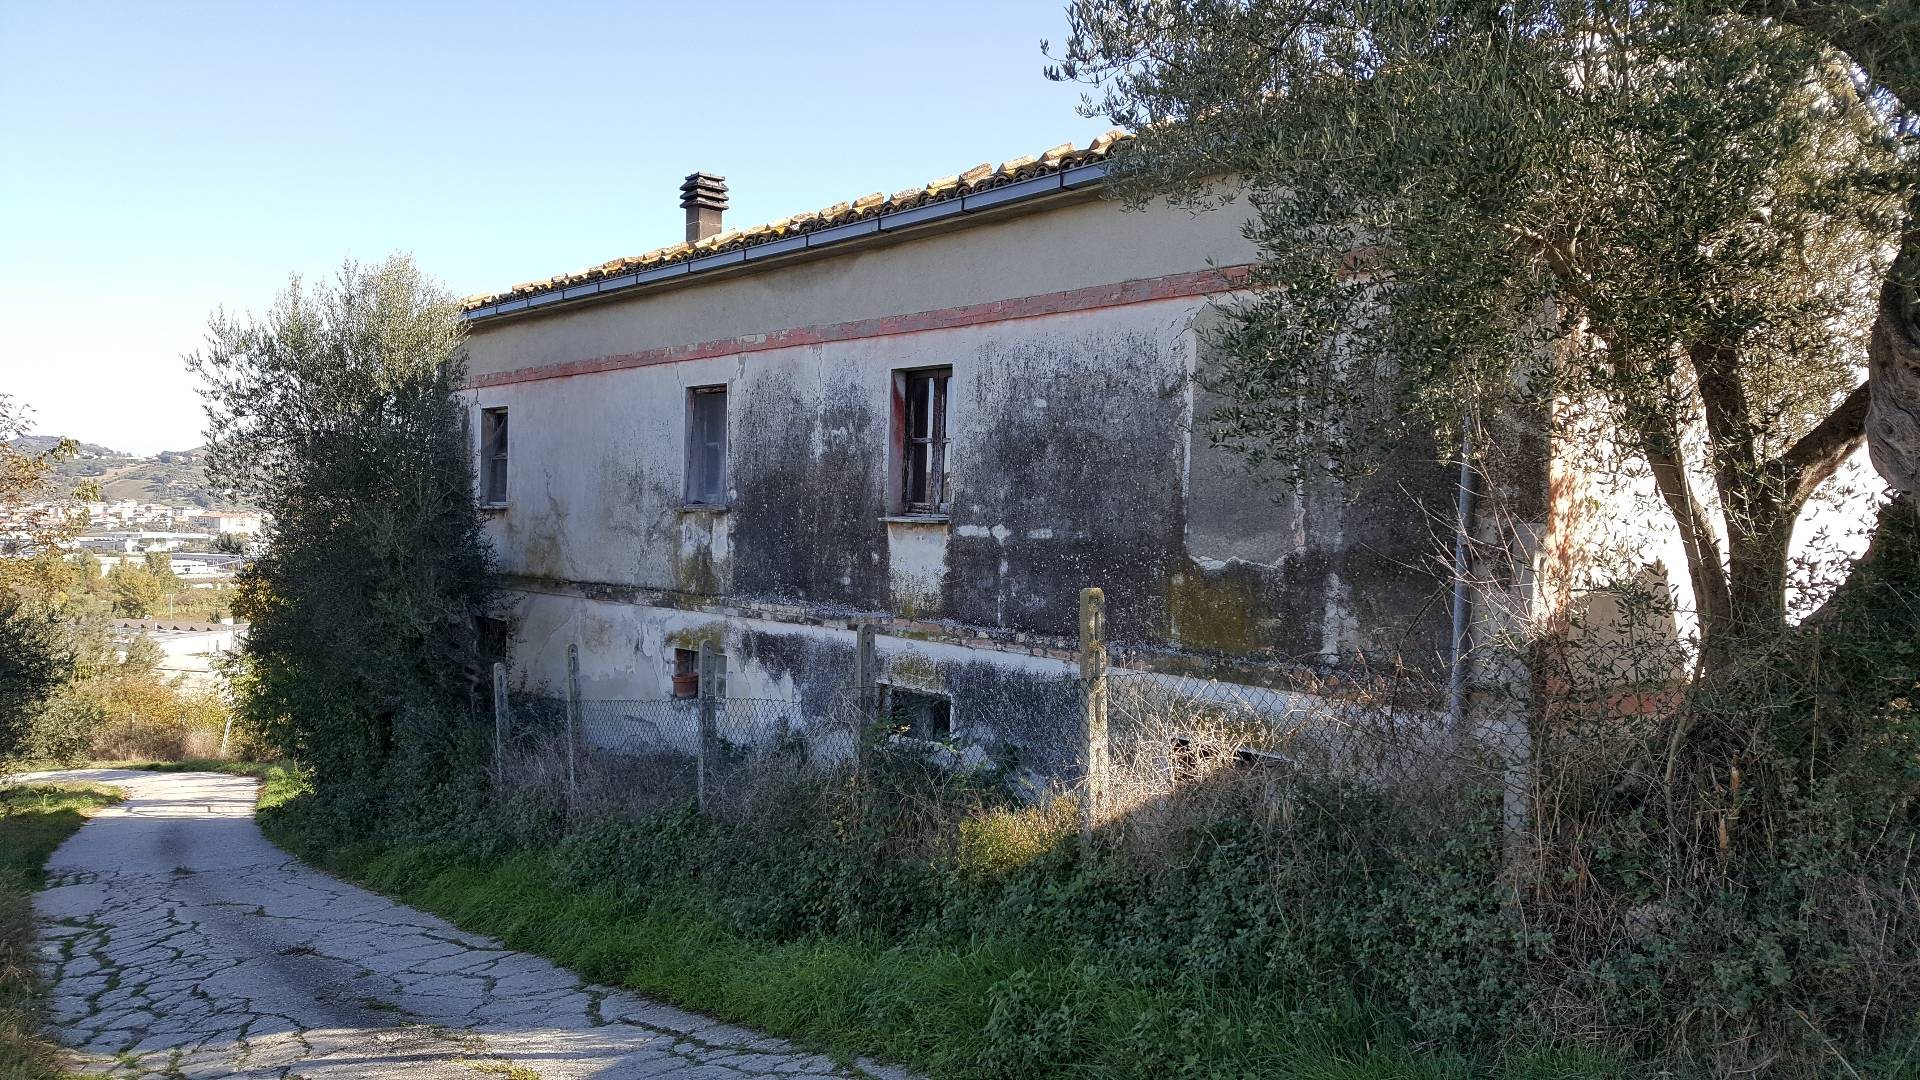 Rustico / Casale in vendita a Castellalto, 6 locali, prezzo € 140.000 | CambioCasa.it